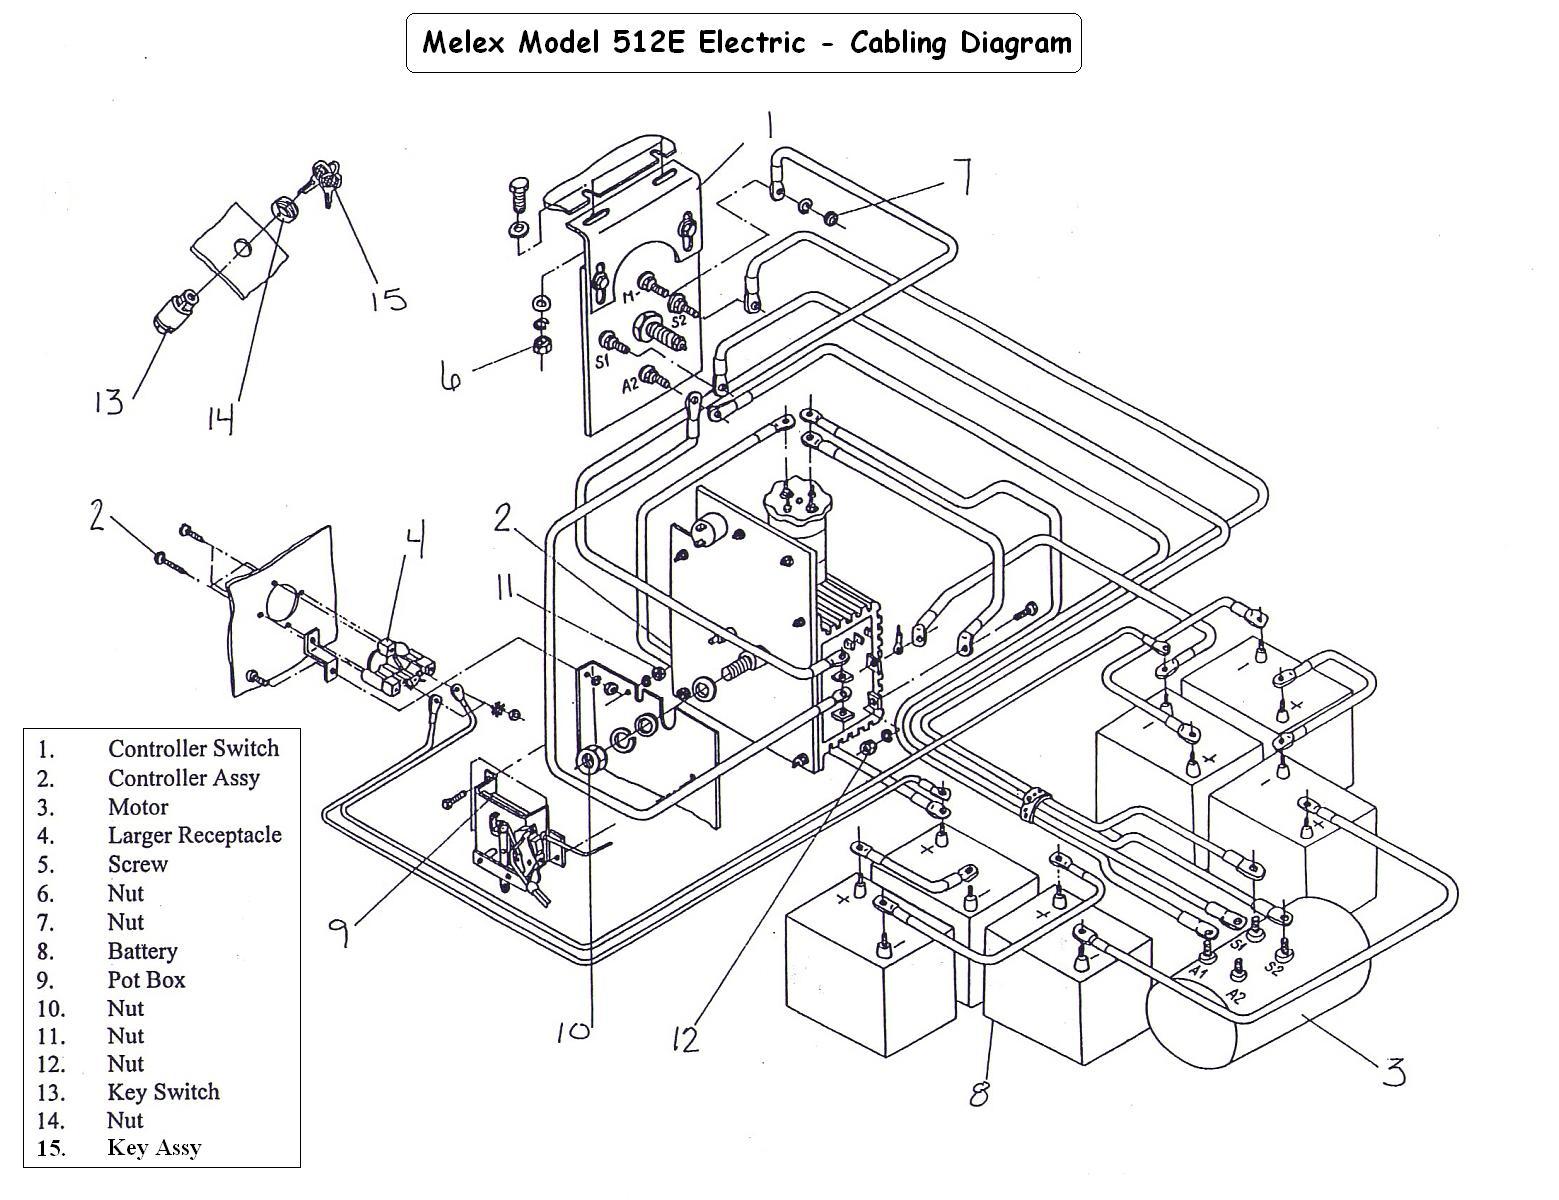 Melex512E_cabling_diagram?resize=665%2C512 yamaha wiring diagrams readingrat net yamaha g9 gas golf cart wiring diagram at readyjetset.co